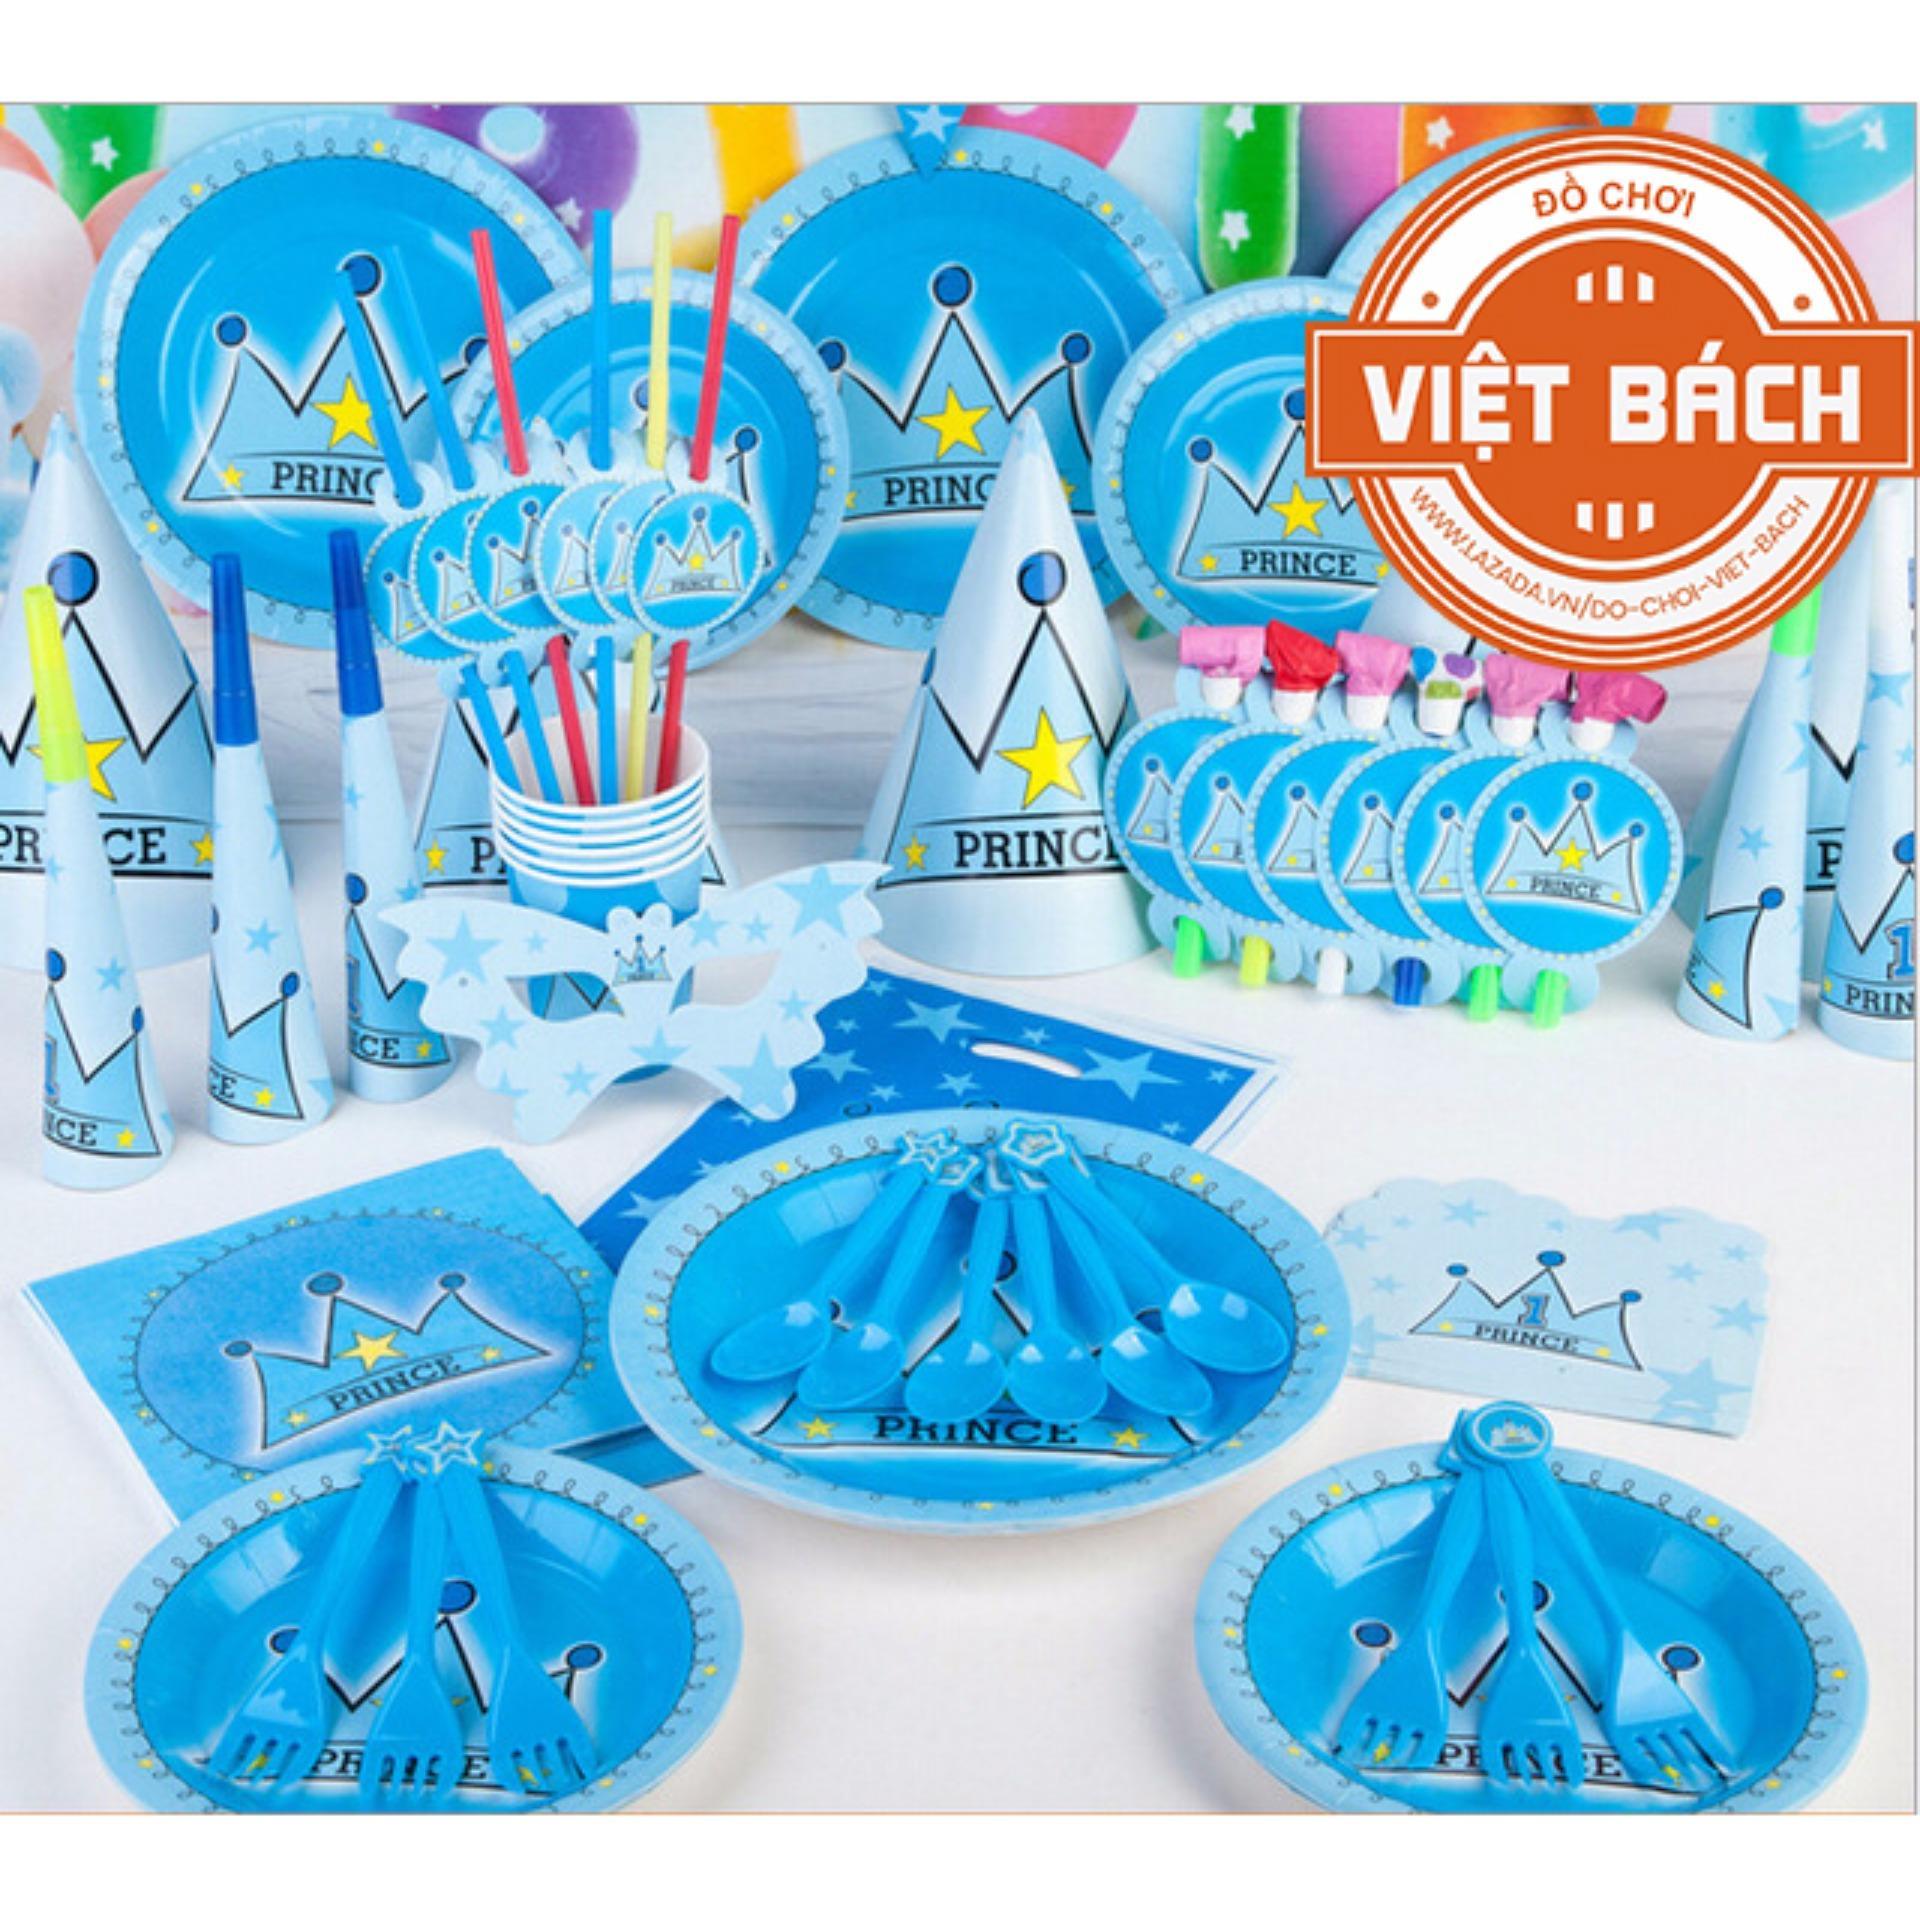 Set trang trí sinh nhật để bàn hình Vương Miện 13 món